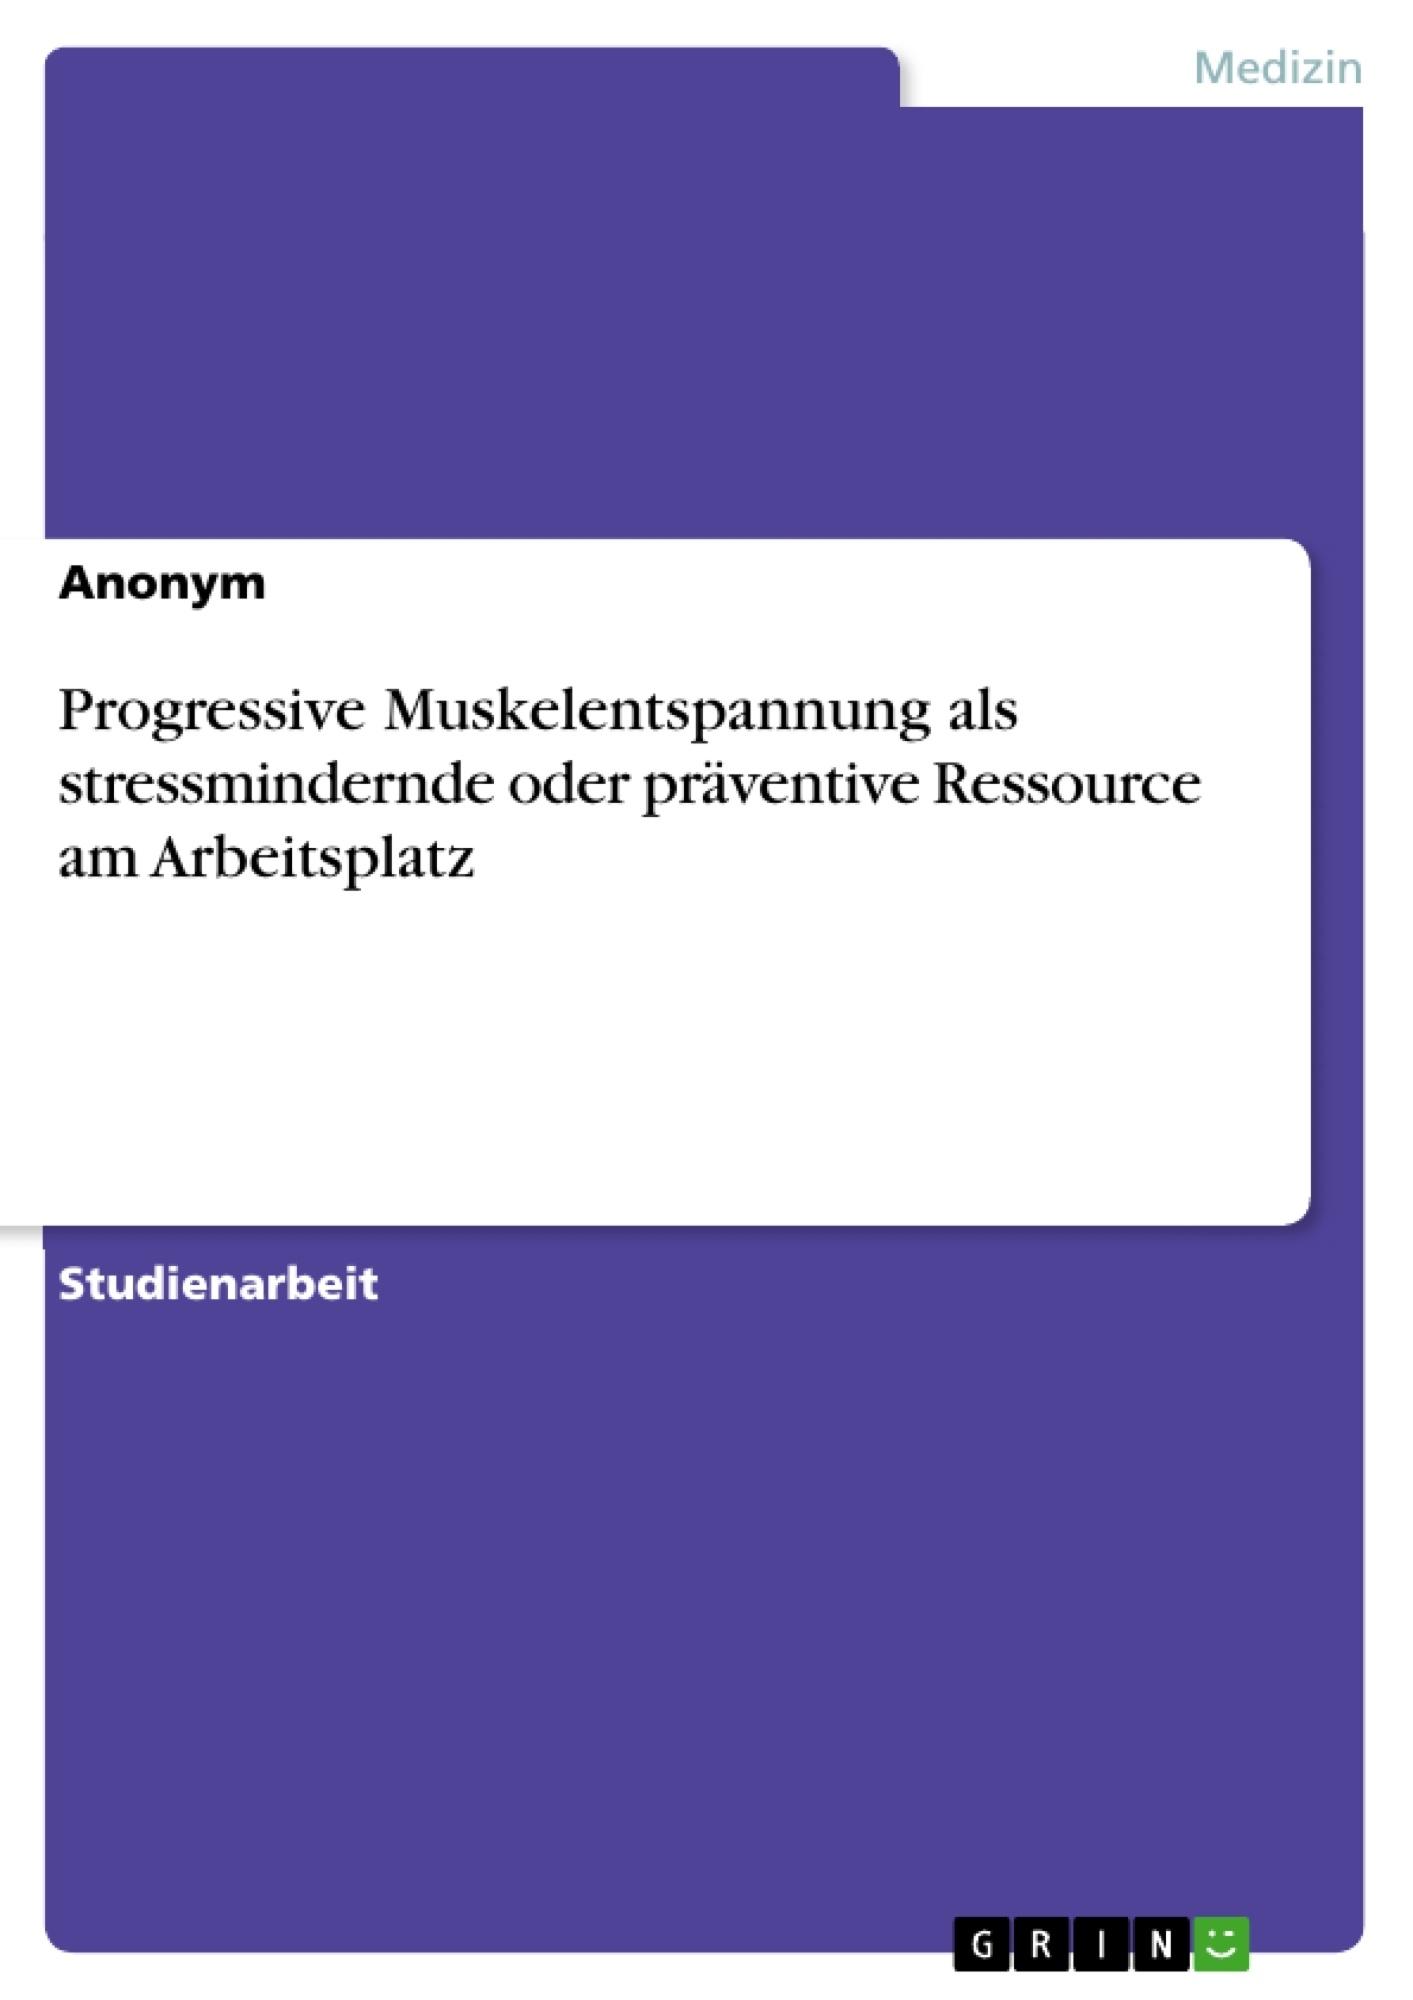 Titel: Progressive Muskelentspannung als stressmindernde oder präventive Ressource am Arbeitsplatz